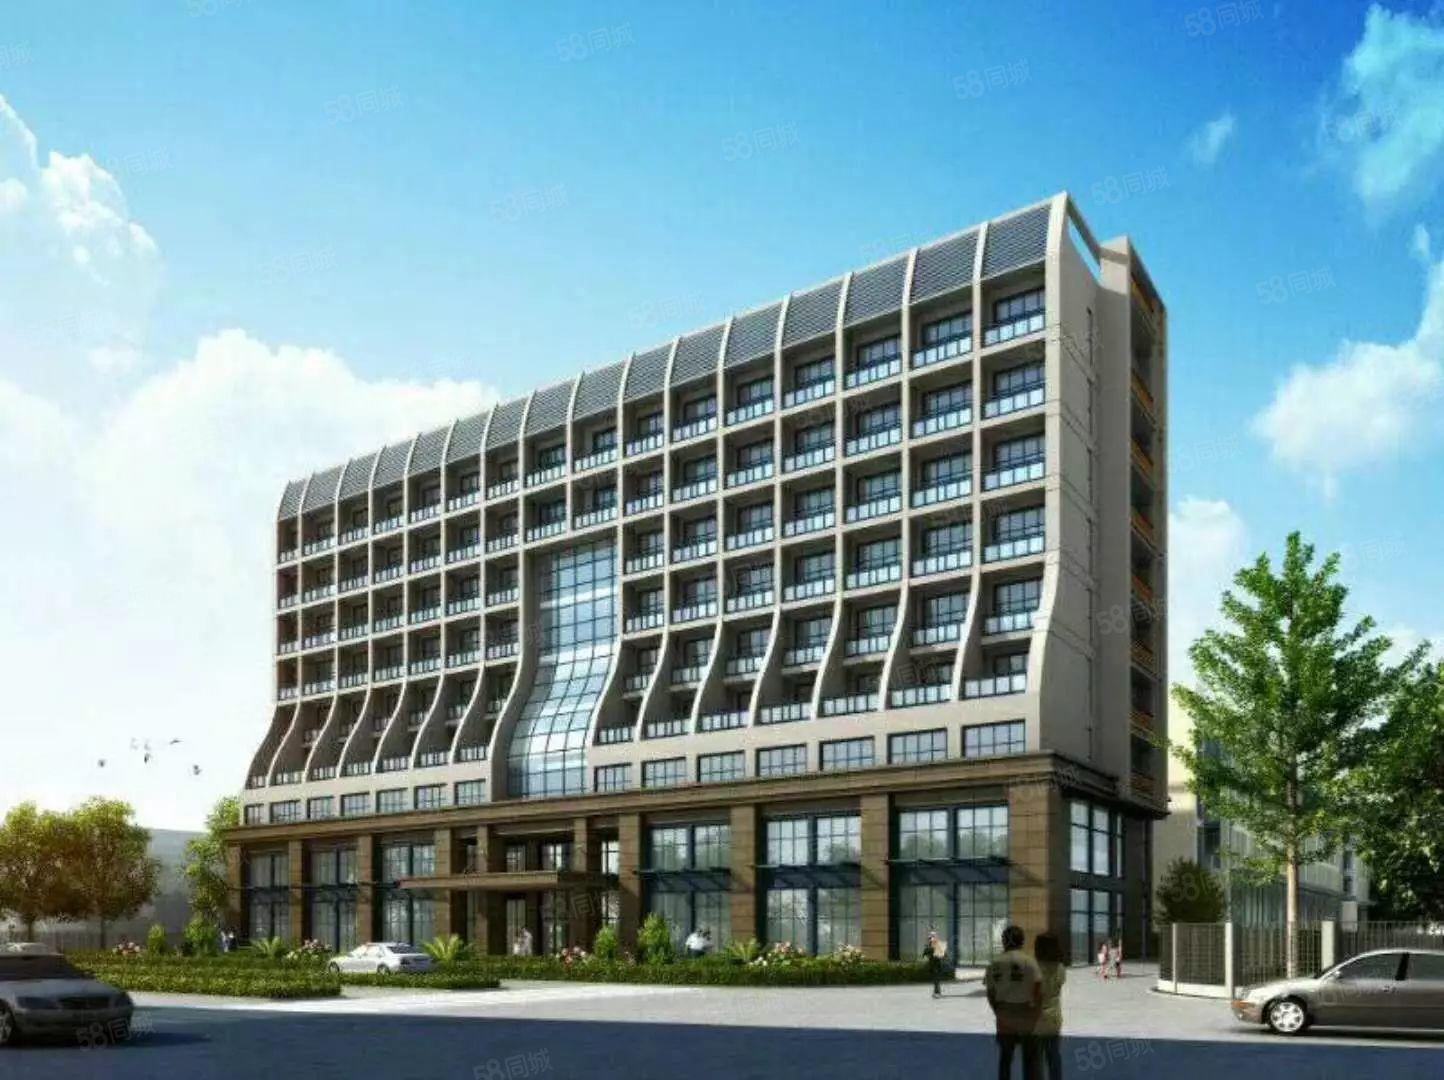 企盟时代郑州一中,园博园旁,热购公寓50年产权